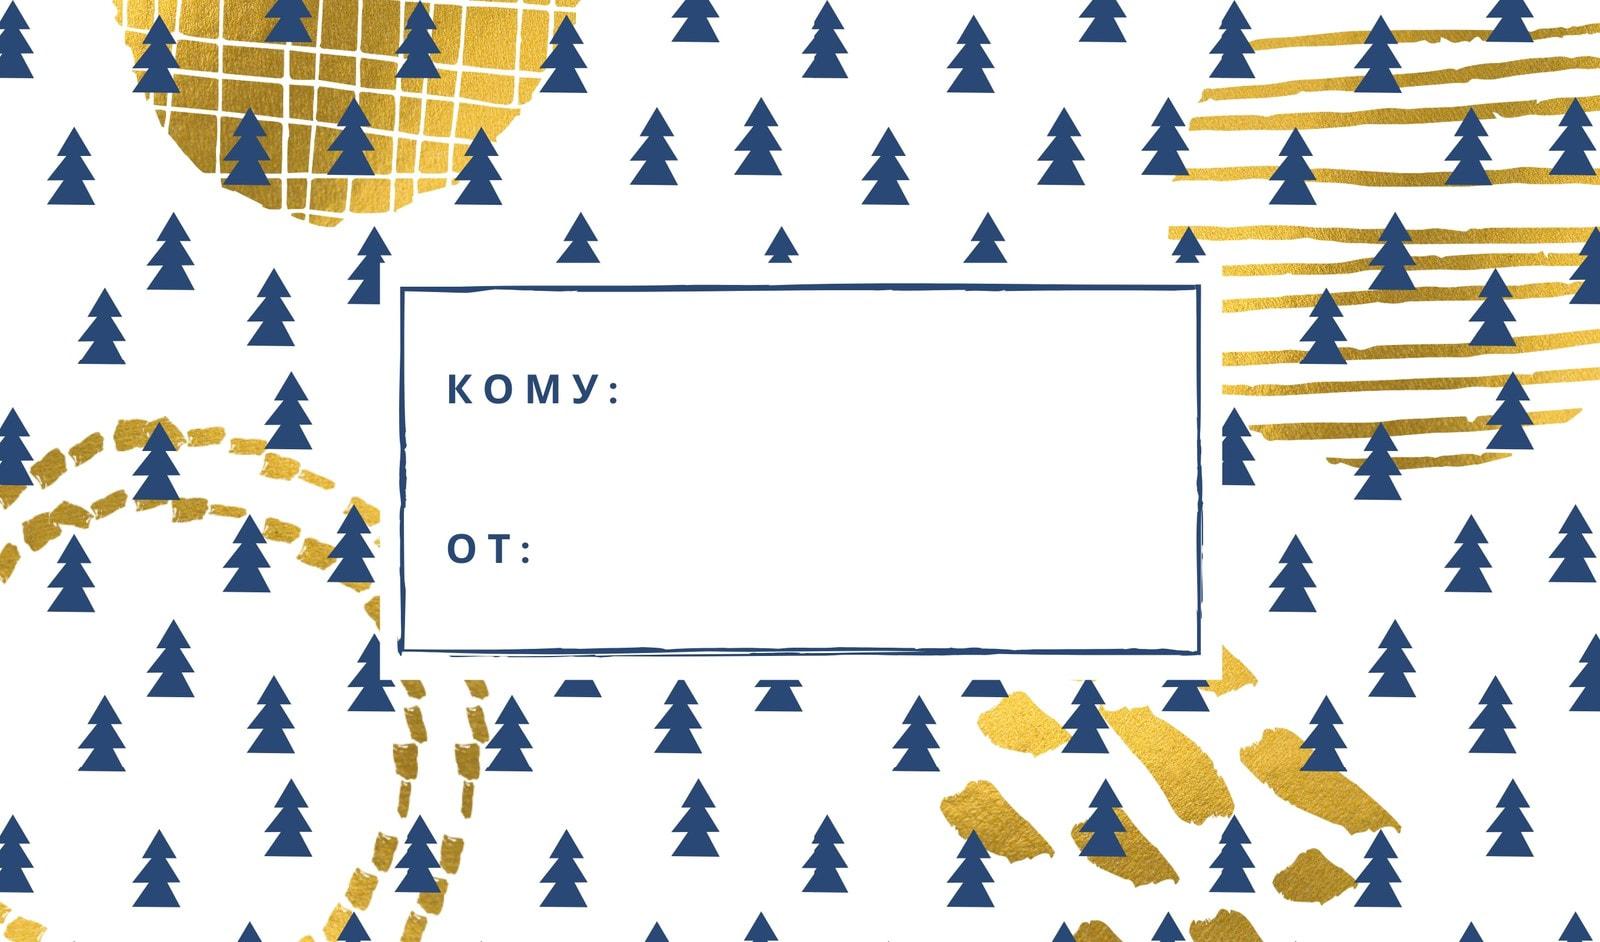 Белый, синий и золотой ярлык с рисунком елок и контурной рамкой